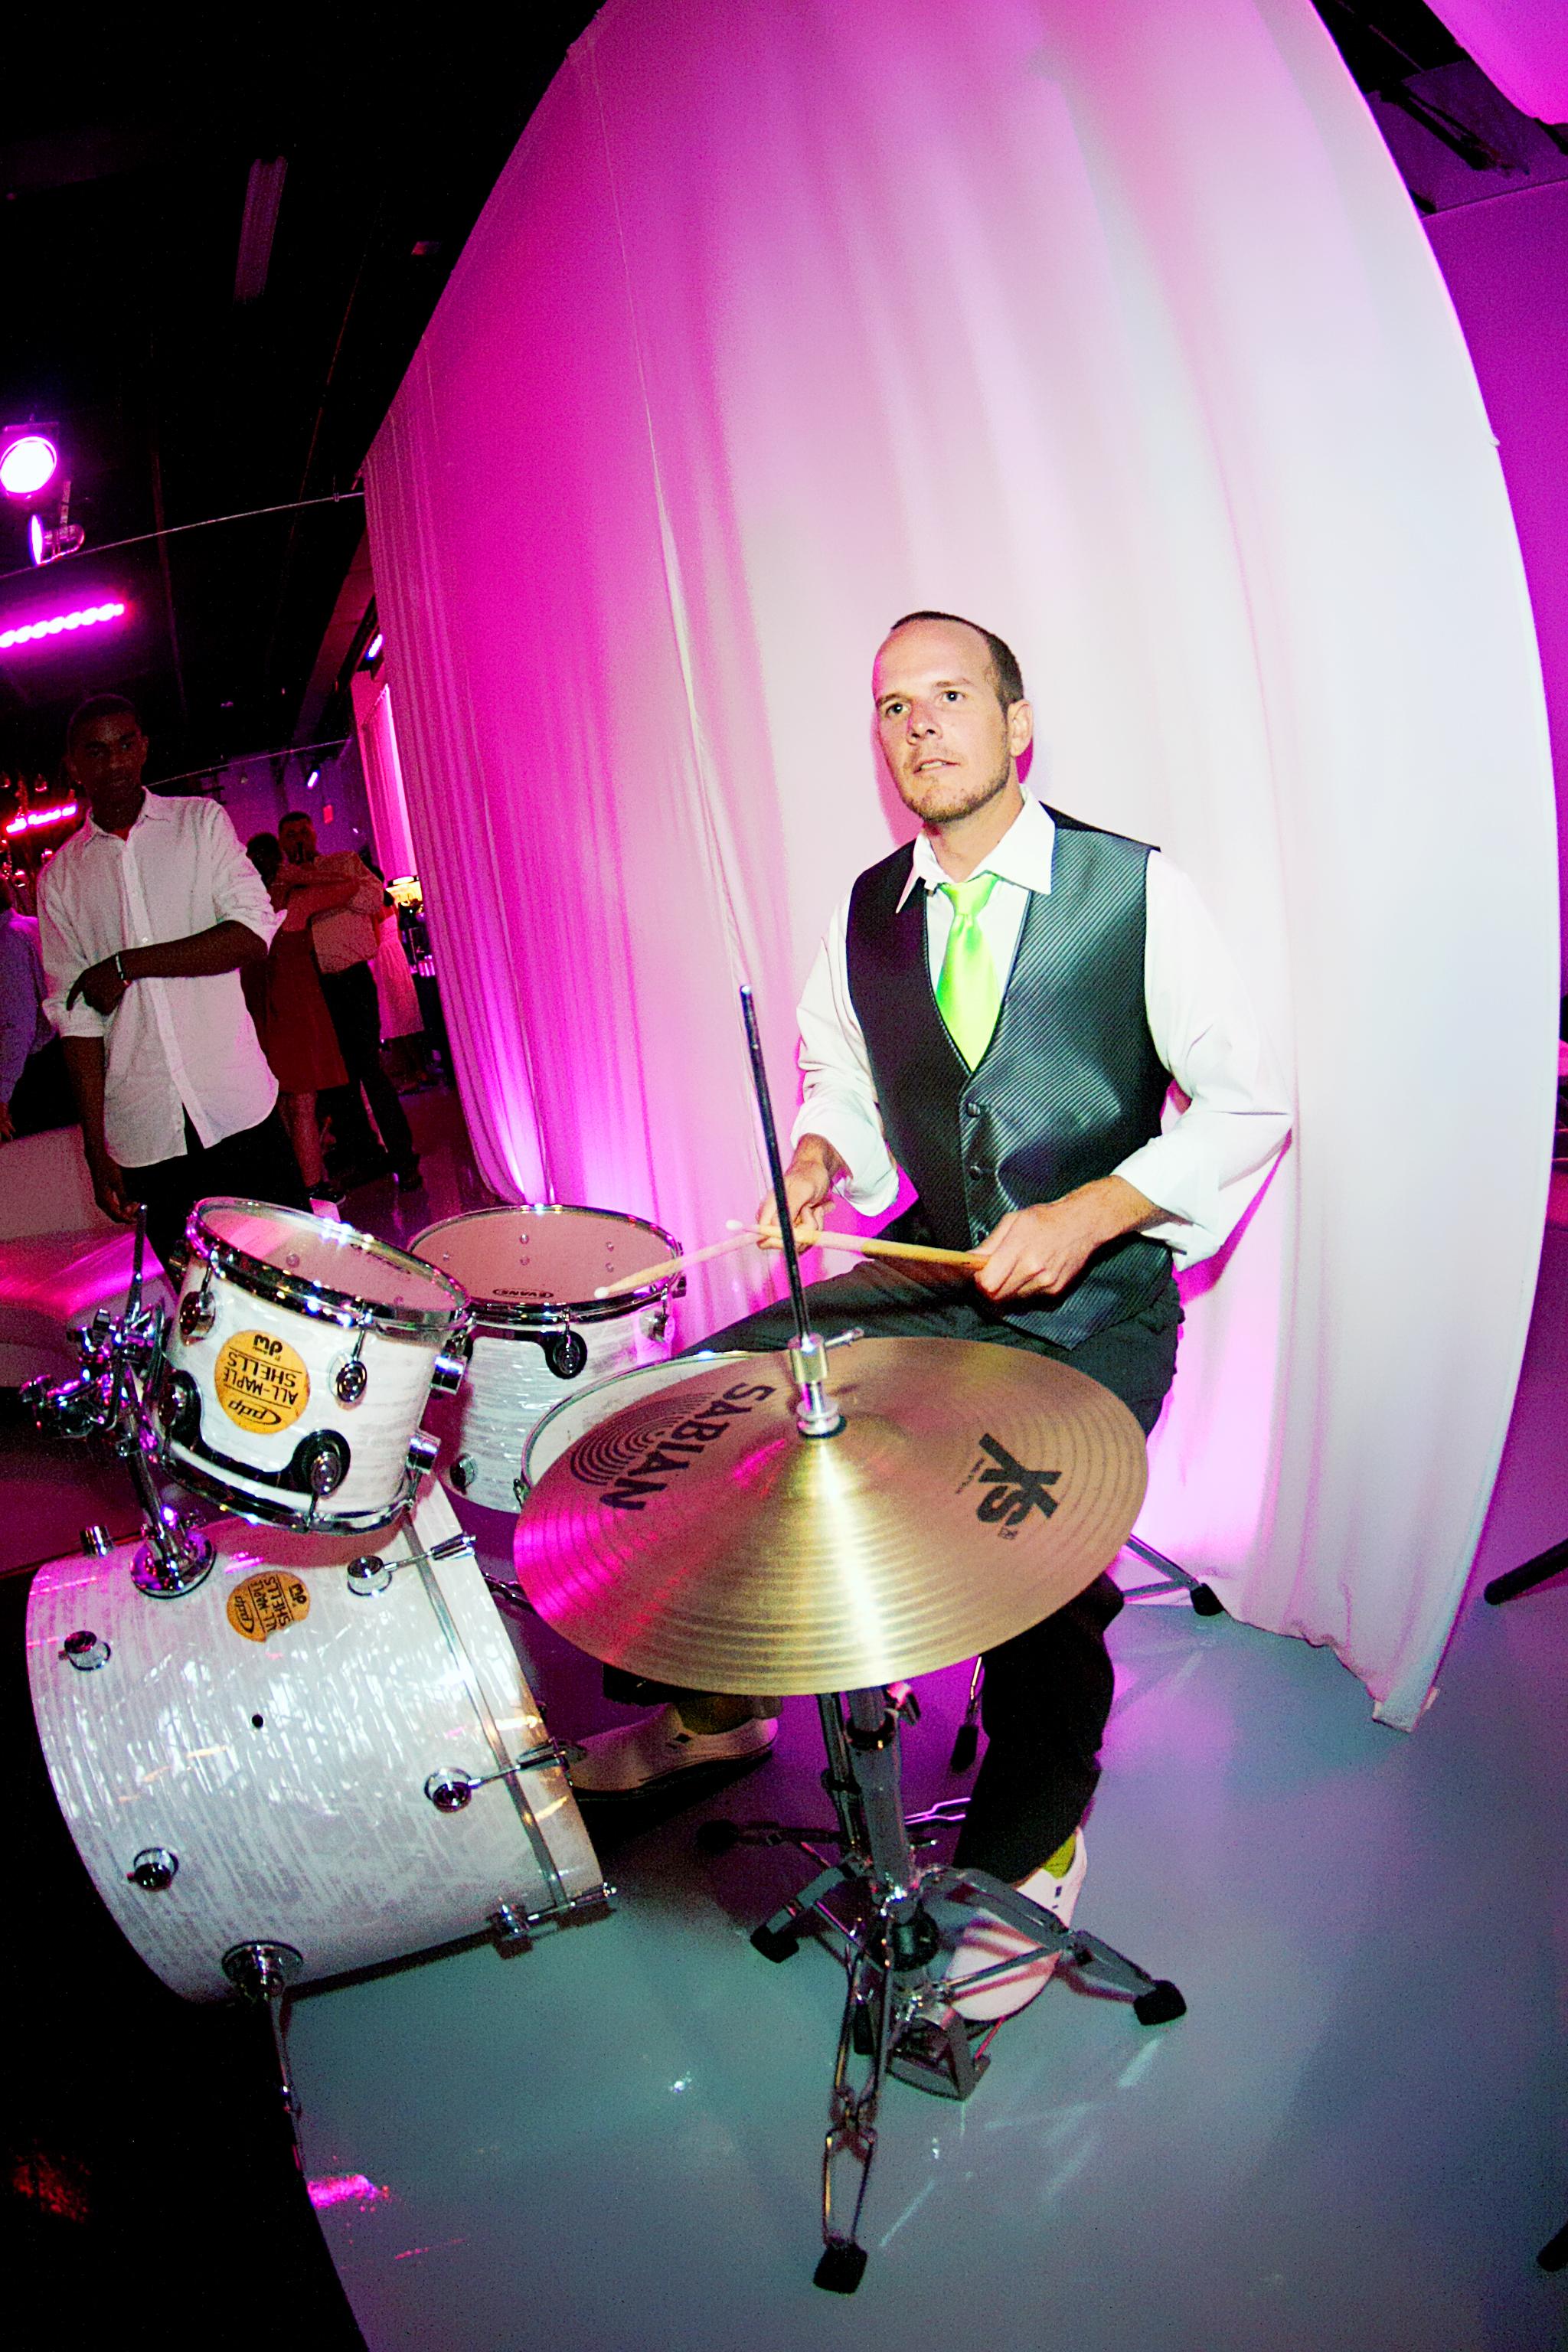 Groomsmen plays the drums